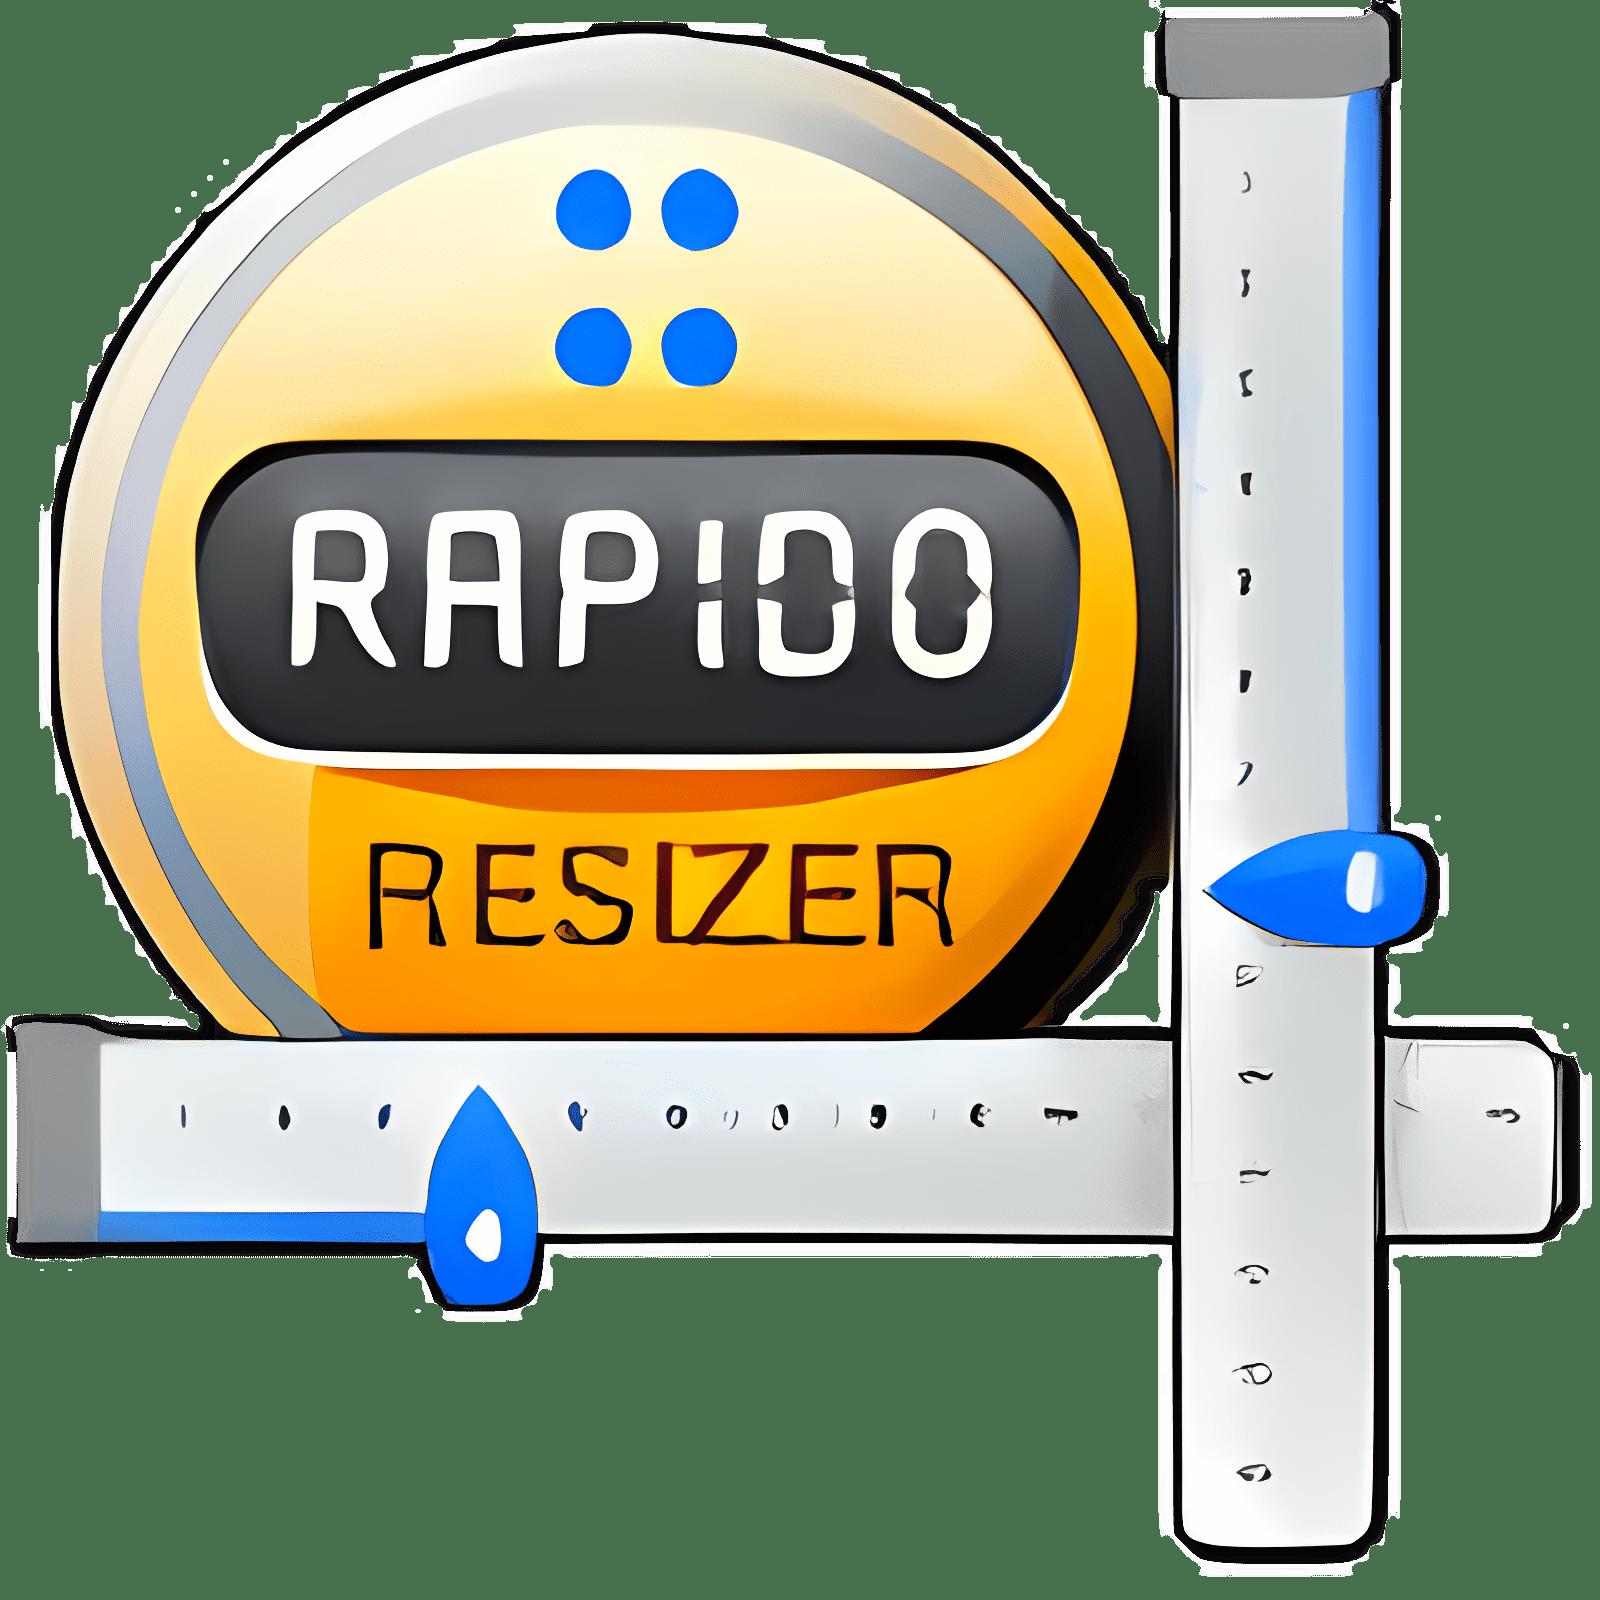 RapidoResizer